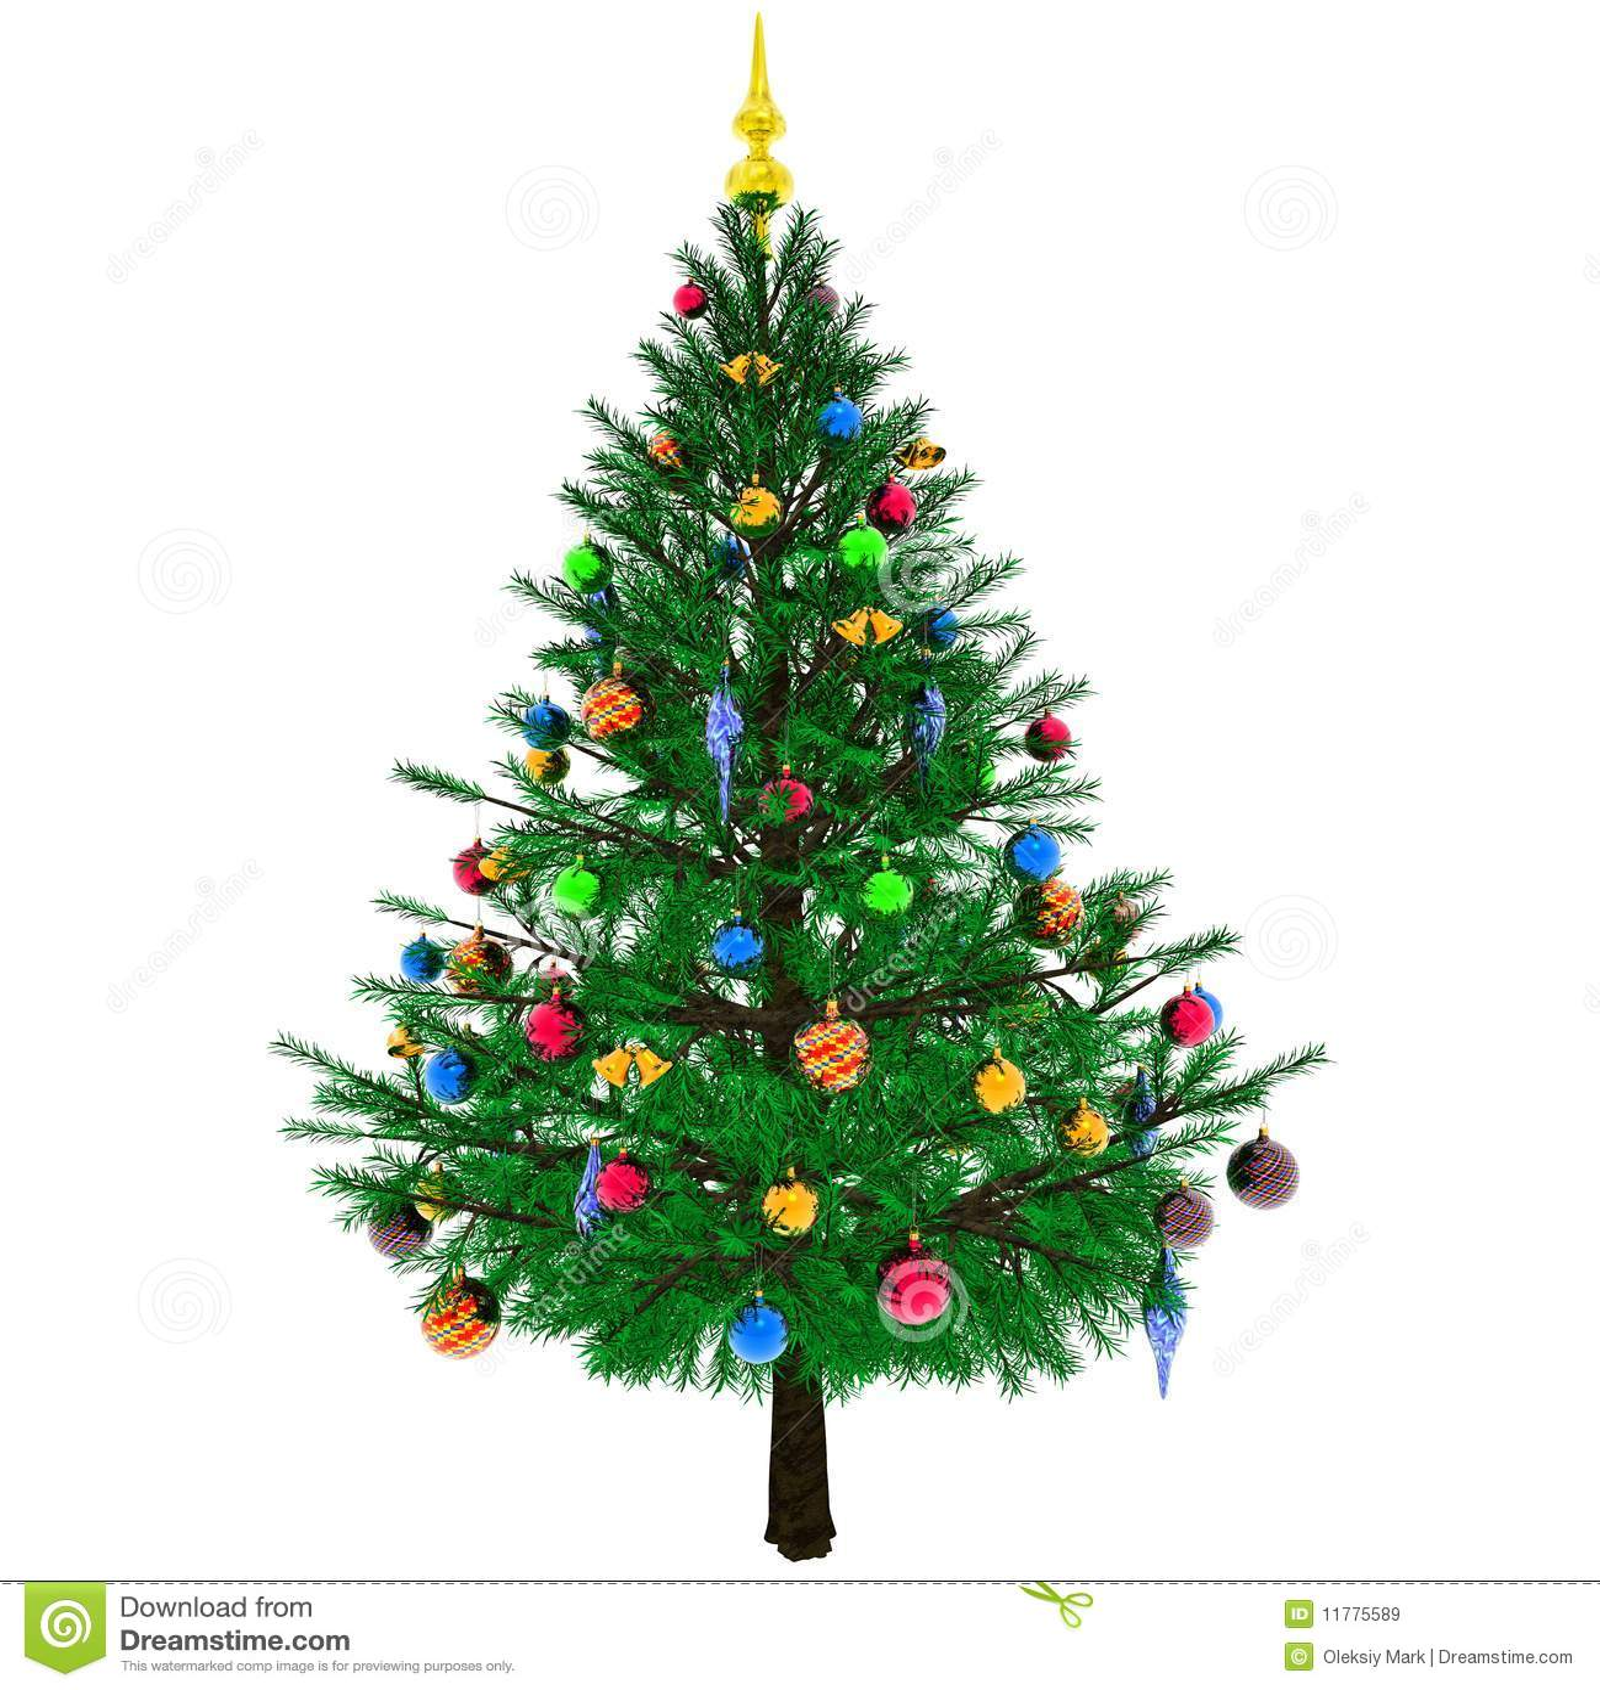 Rbol de navidad adornado im genes de archivo libres de for Fotos arbol navidad